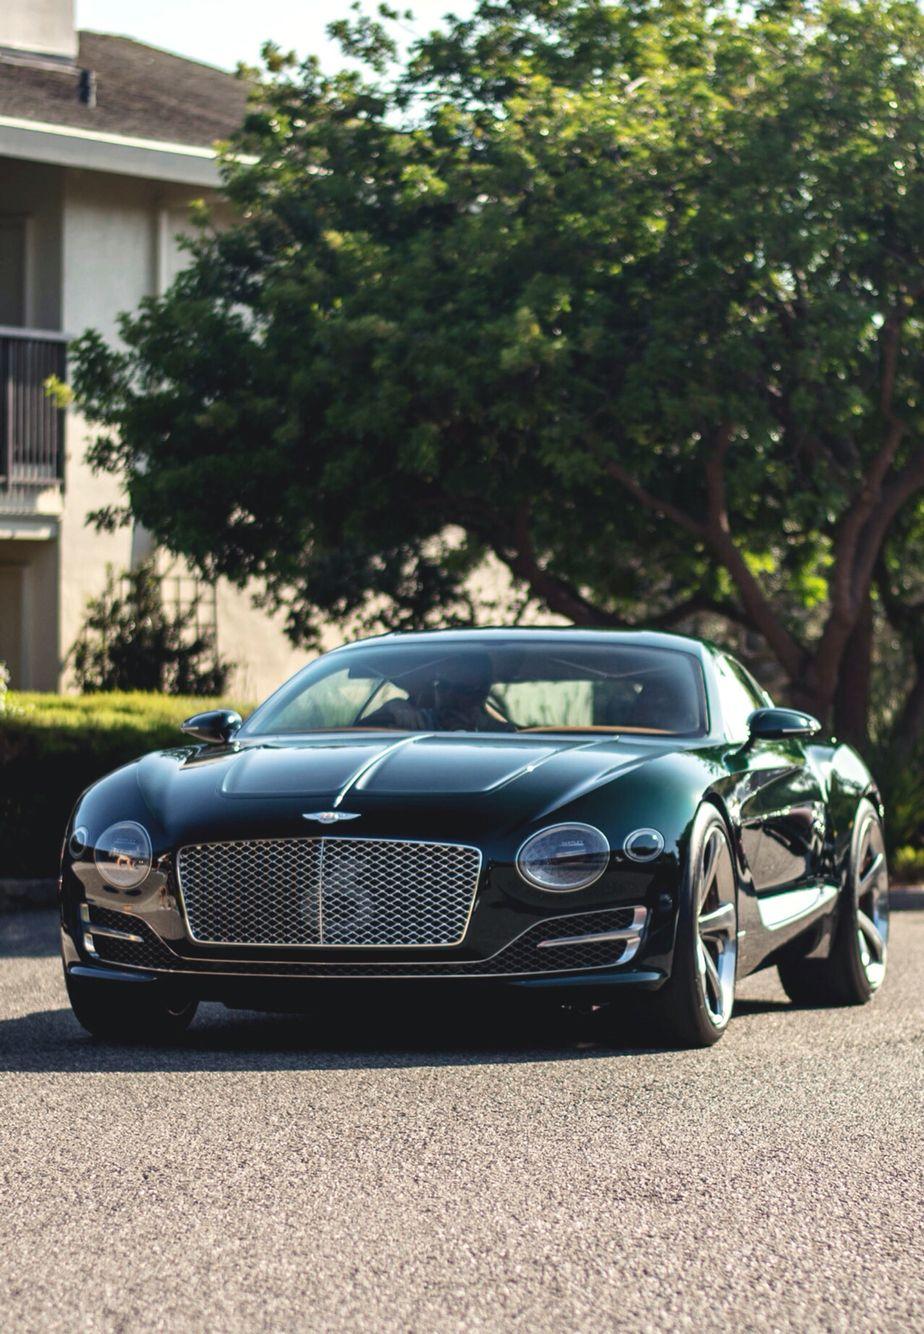 Bentley luxury cars bentley bentley exp 10 bentley car